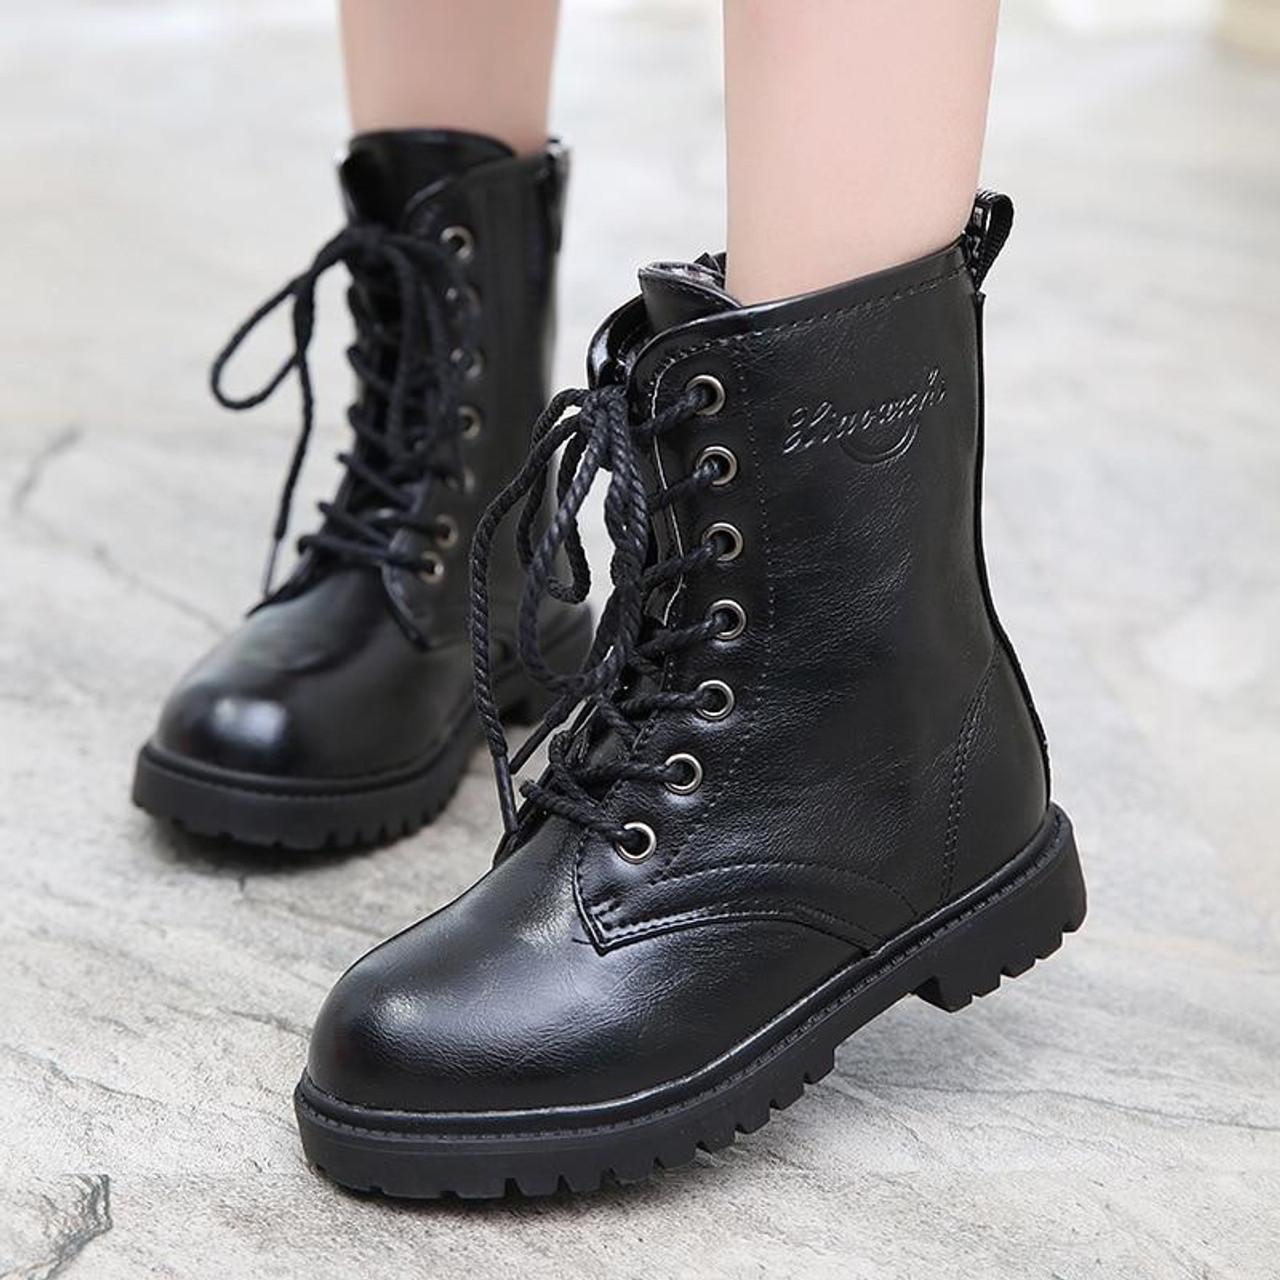 children martin boots 2019 Hot new boys